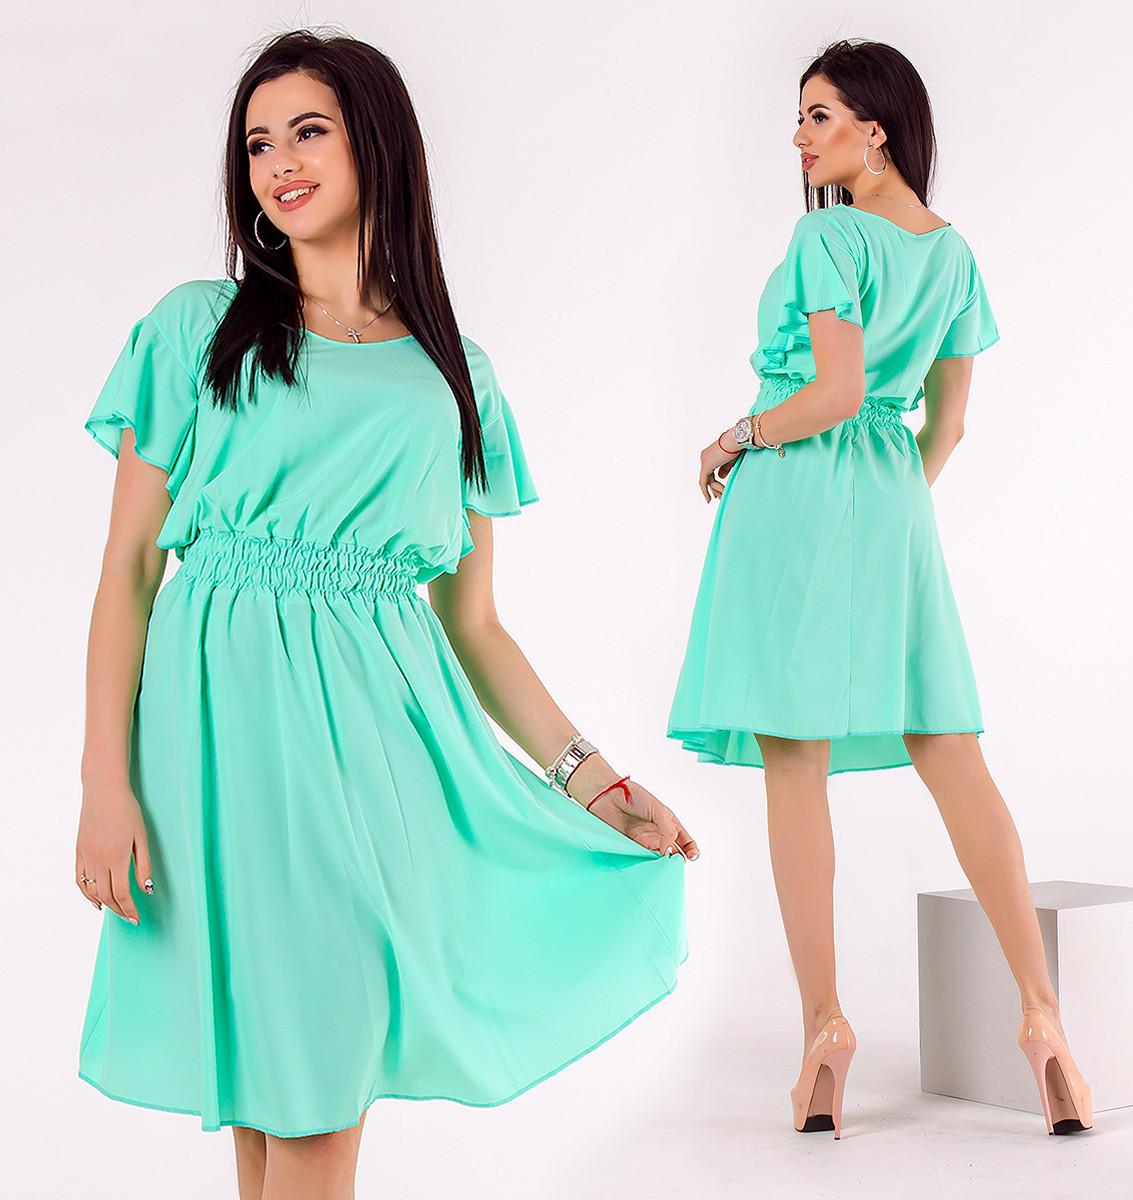 """Стильне жіноче літнє плаття """"Софт Кльош Крильця"""" в кольорах (DG-ат1129)"""